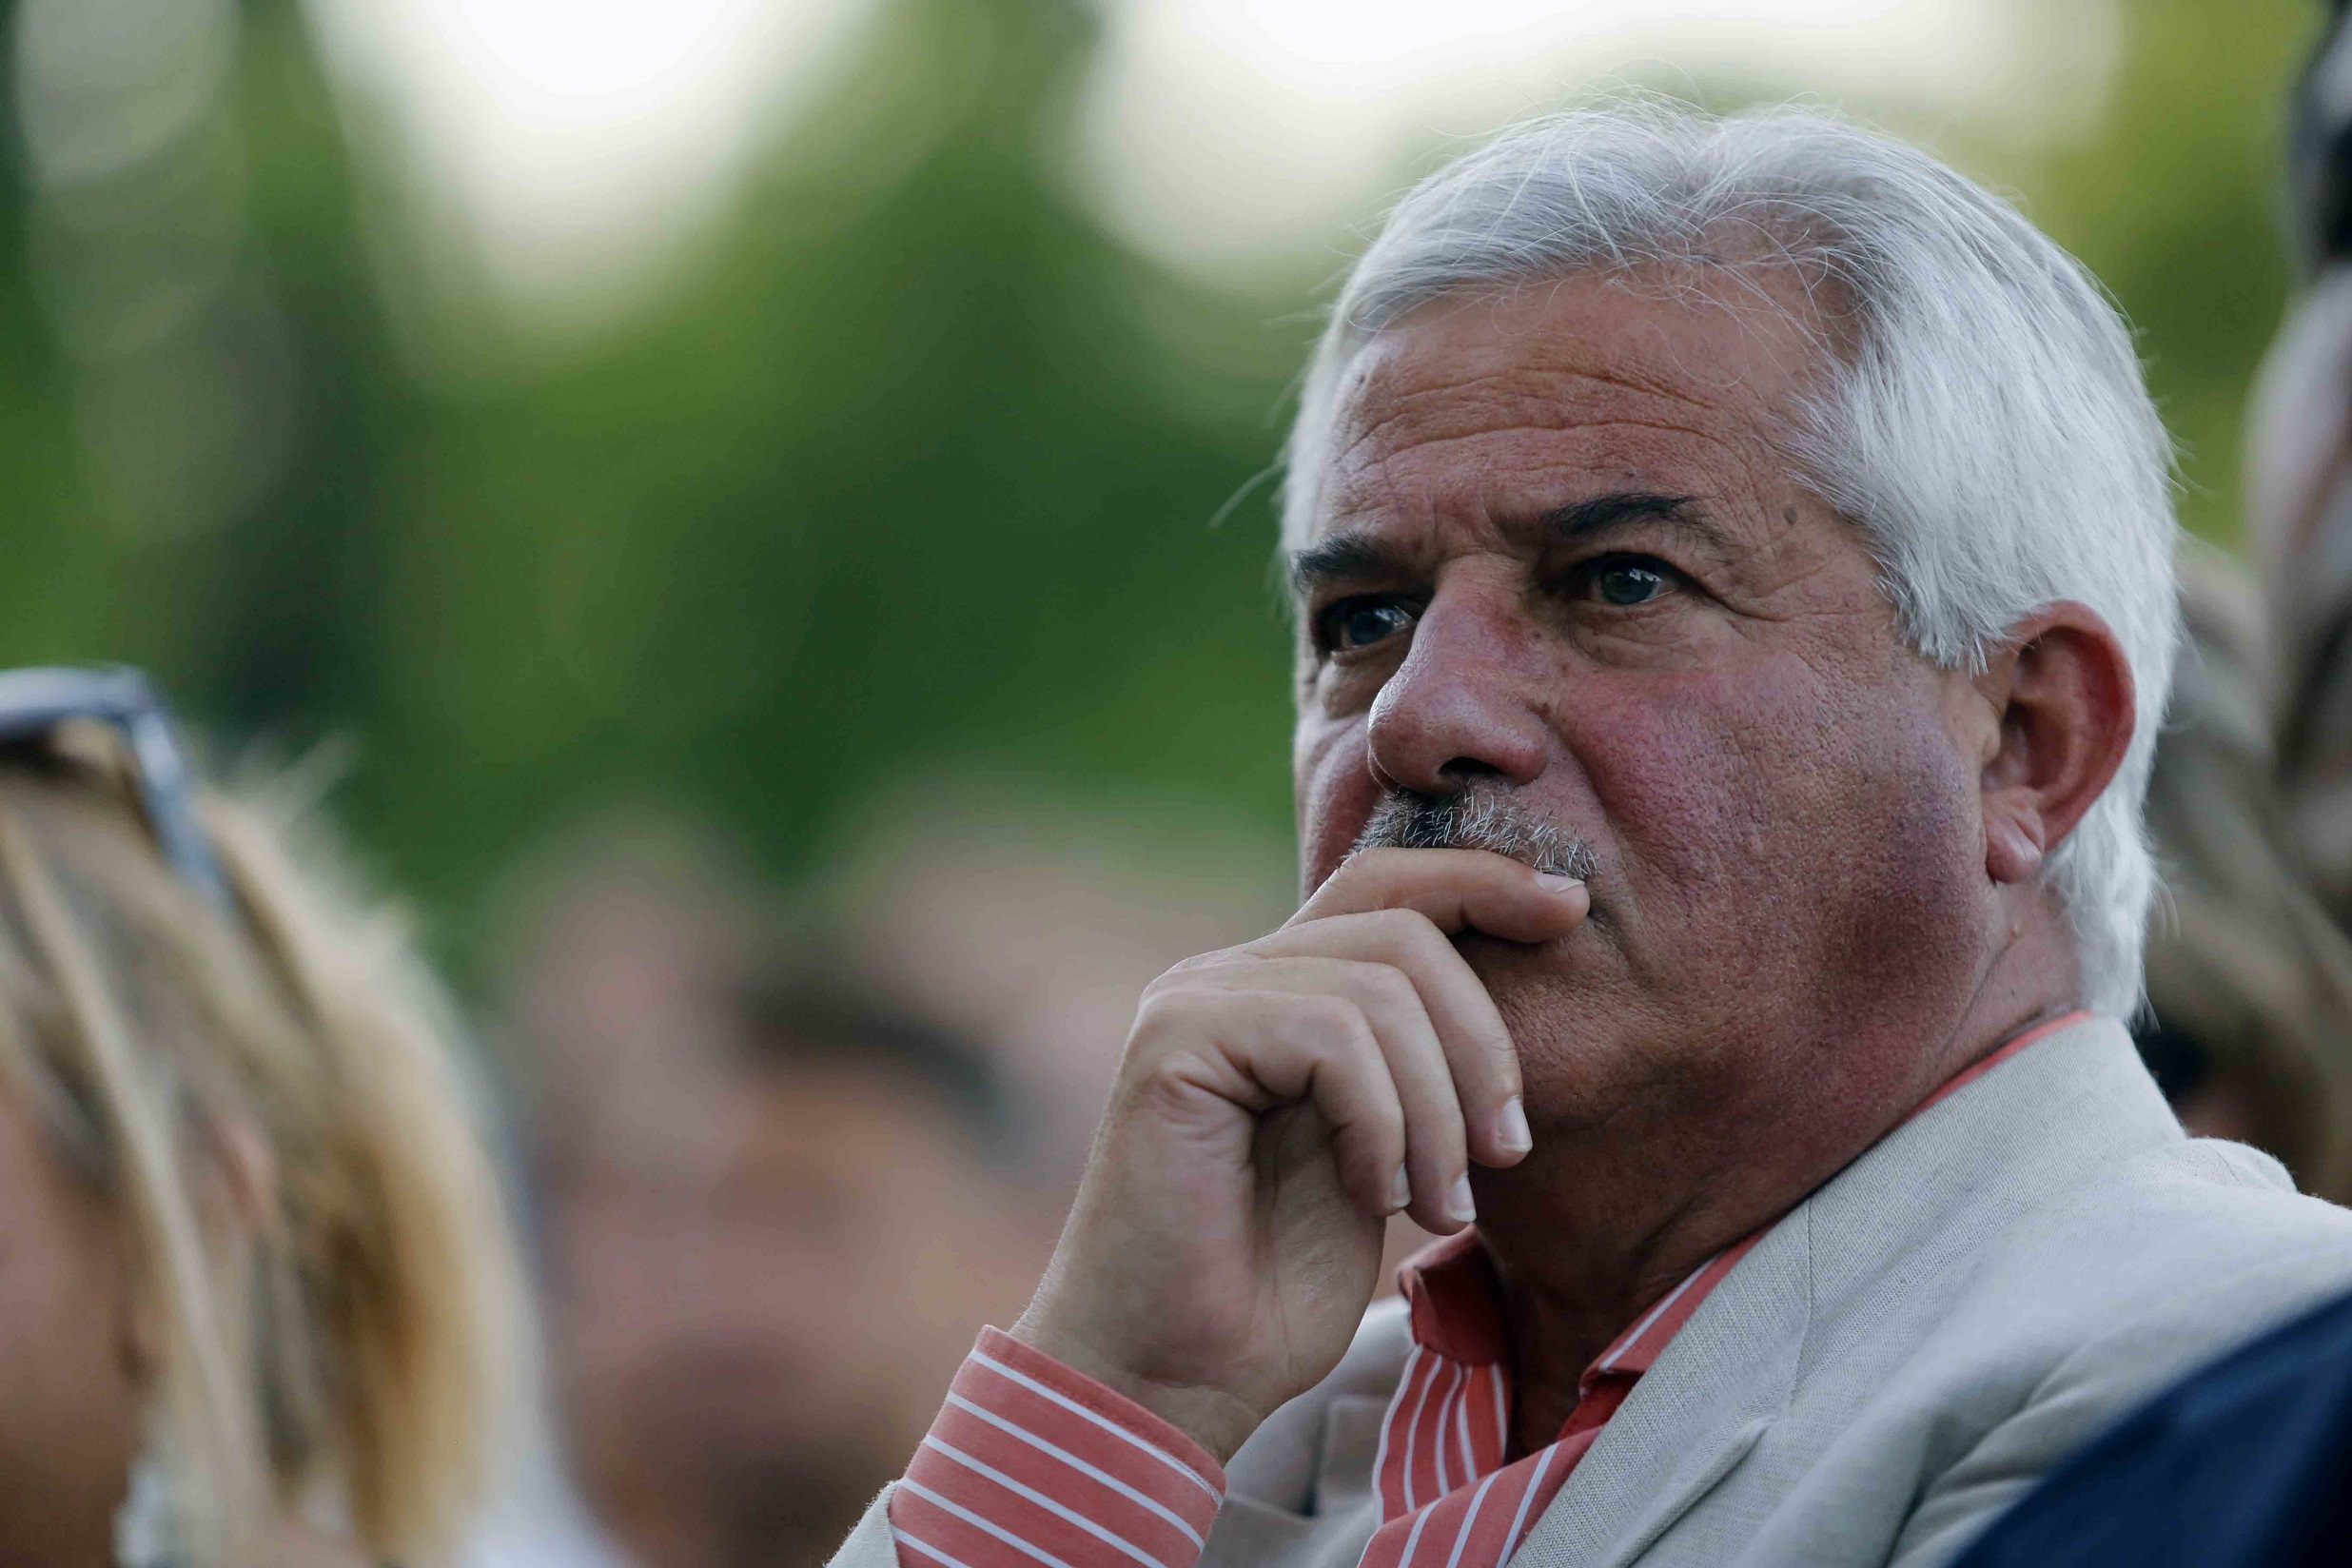 Juan Carlos Braciaventi